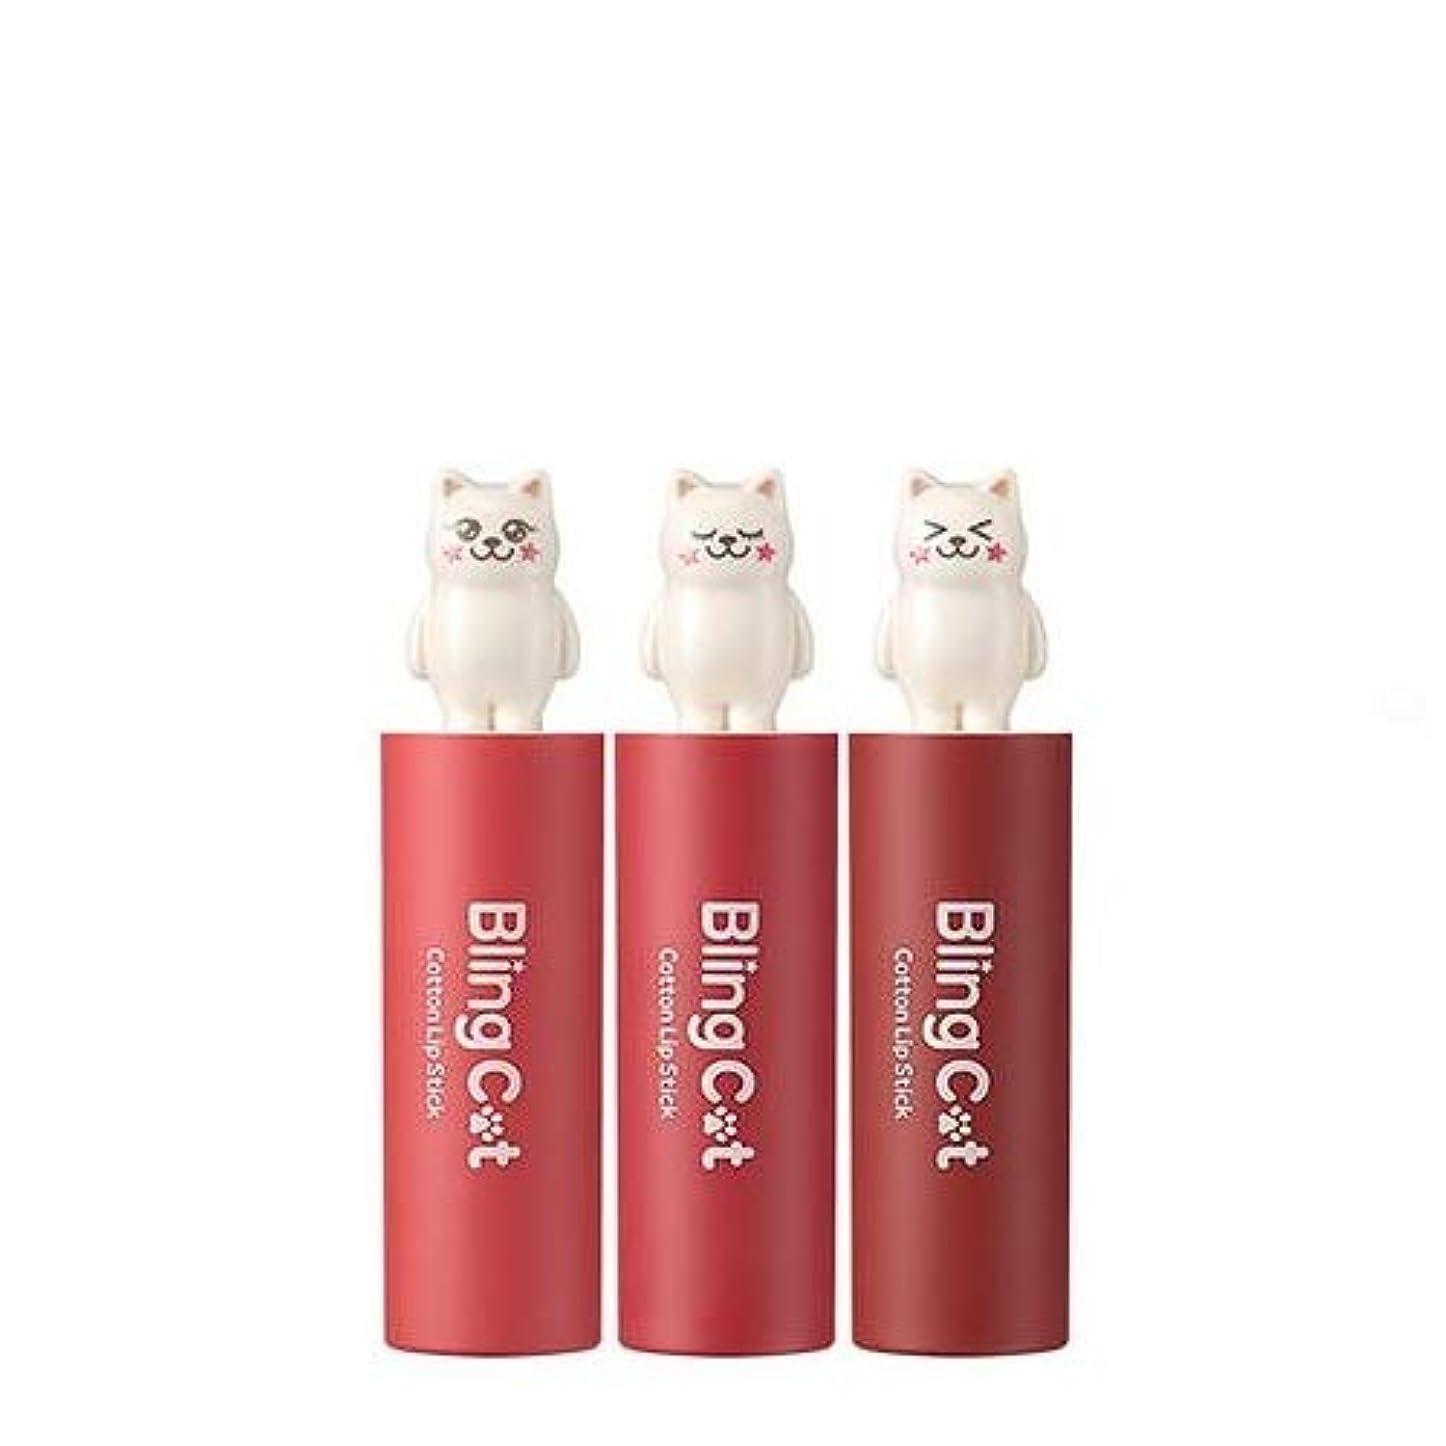 横あなたのものアンカートニーモリー ブリングキャット コットン リップスティック 3.4g / TONYMOLY Bling Cat Cotton Lipstick # 04. Little Coral [並行輸入品]